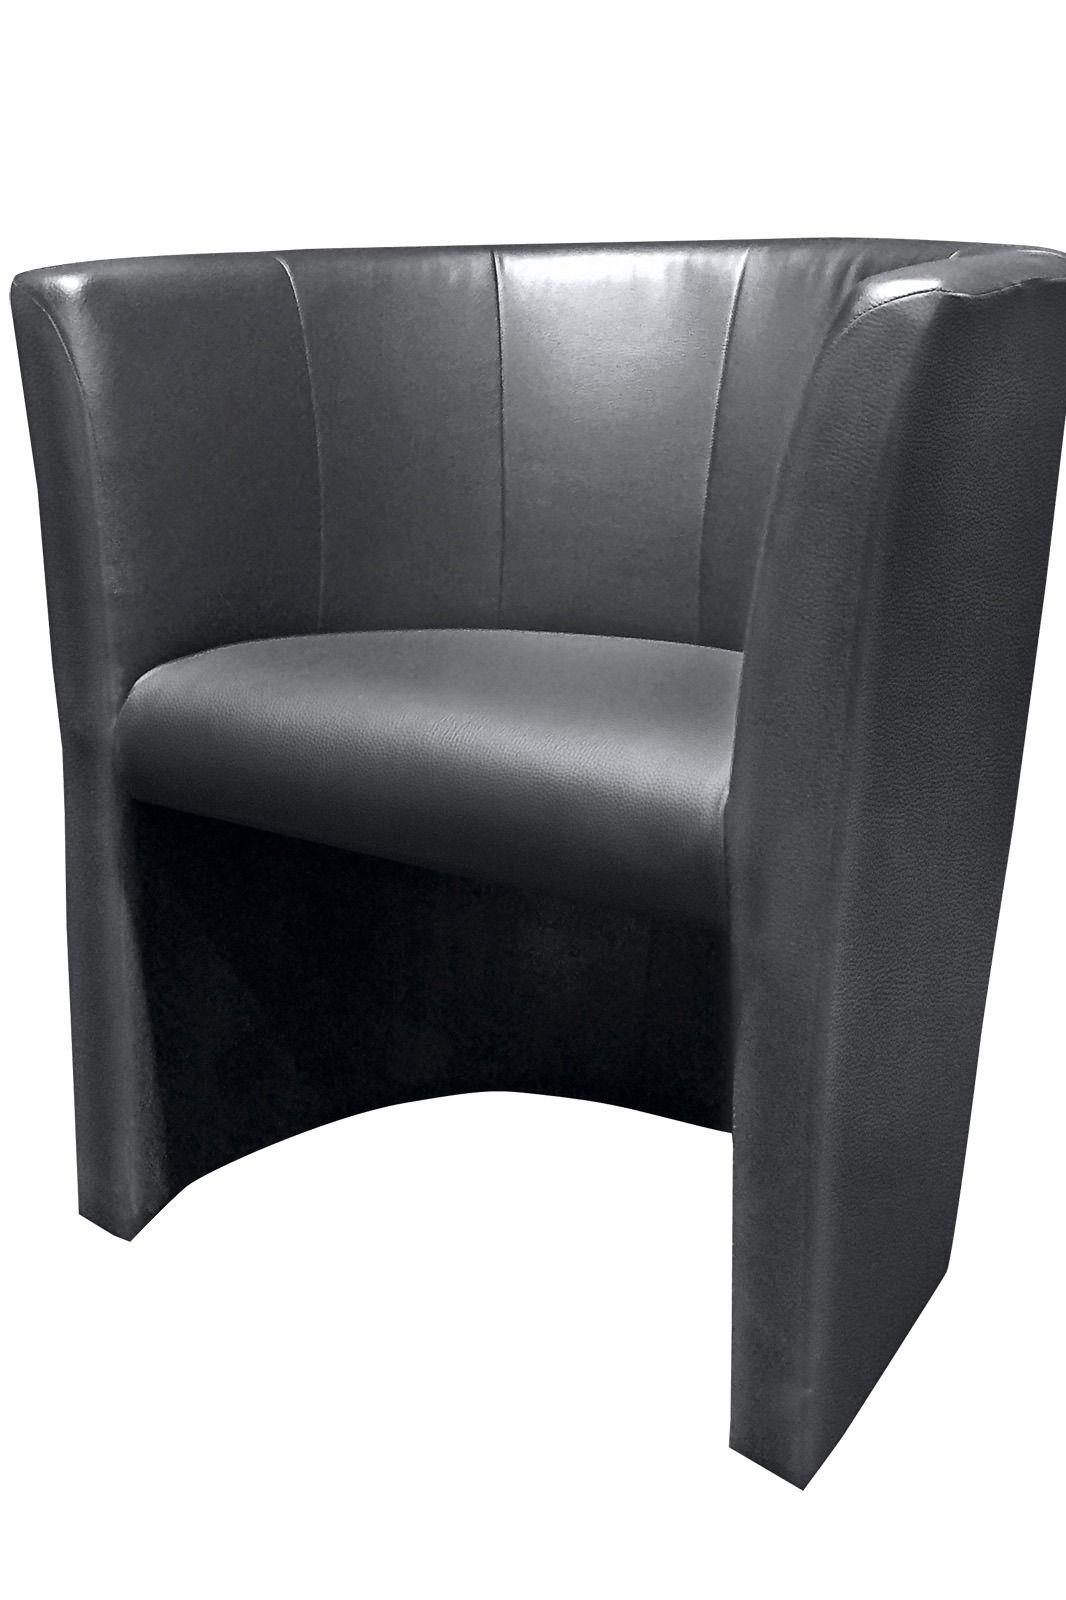 Schau Mal Was Ich Bei Roller Gefunden Habe Cocktailsessel Schwarz Kunstleder Cocktailsessel Sessel Kunstleder